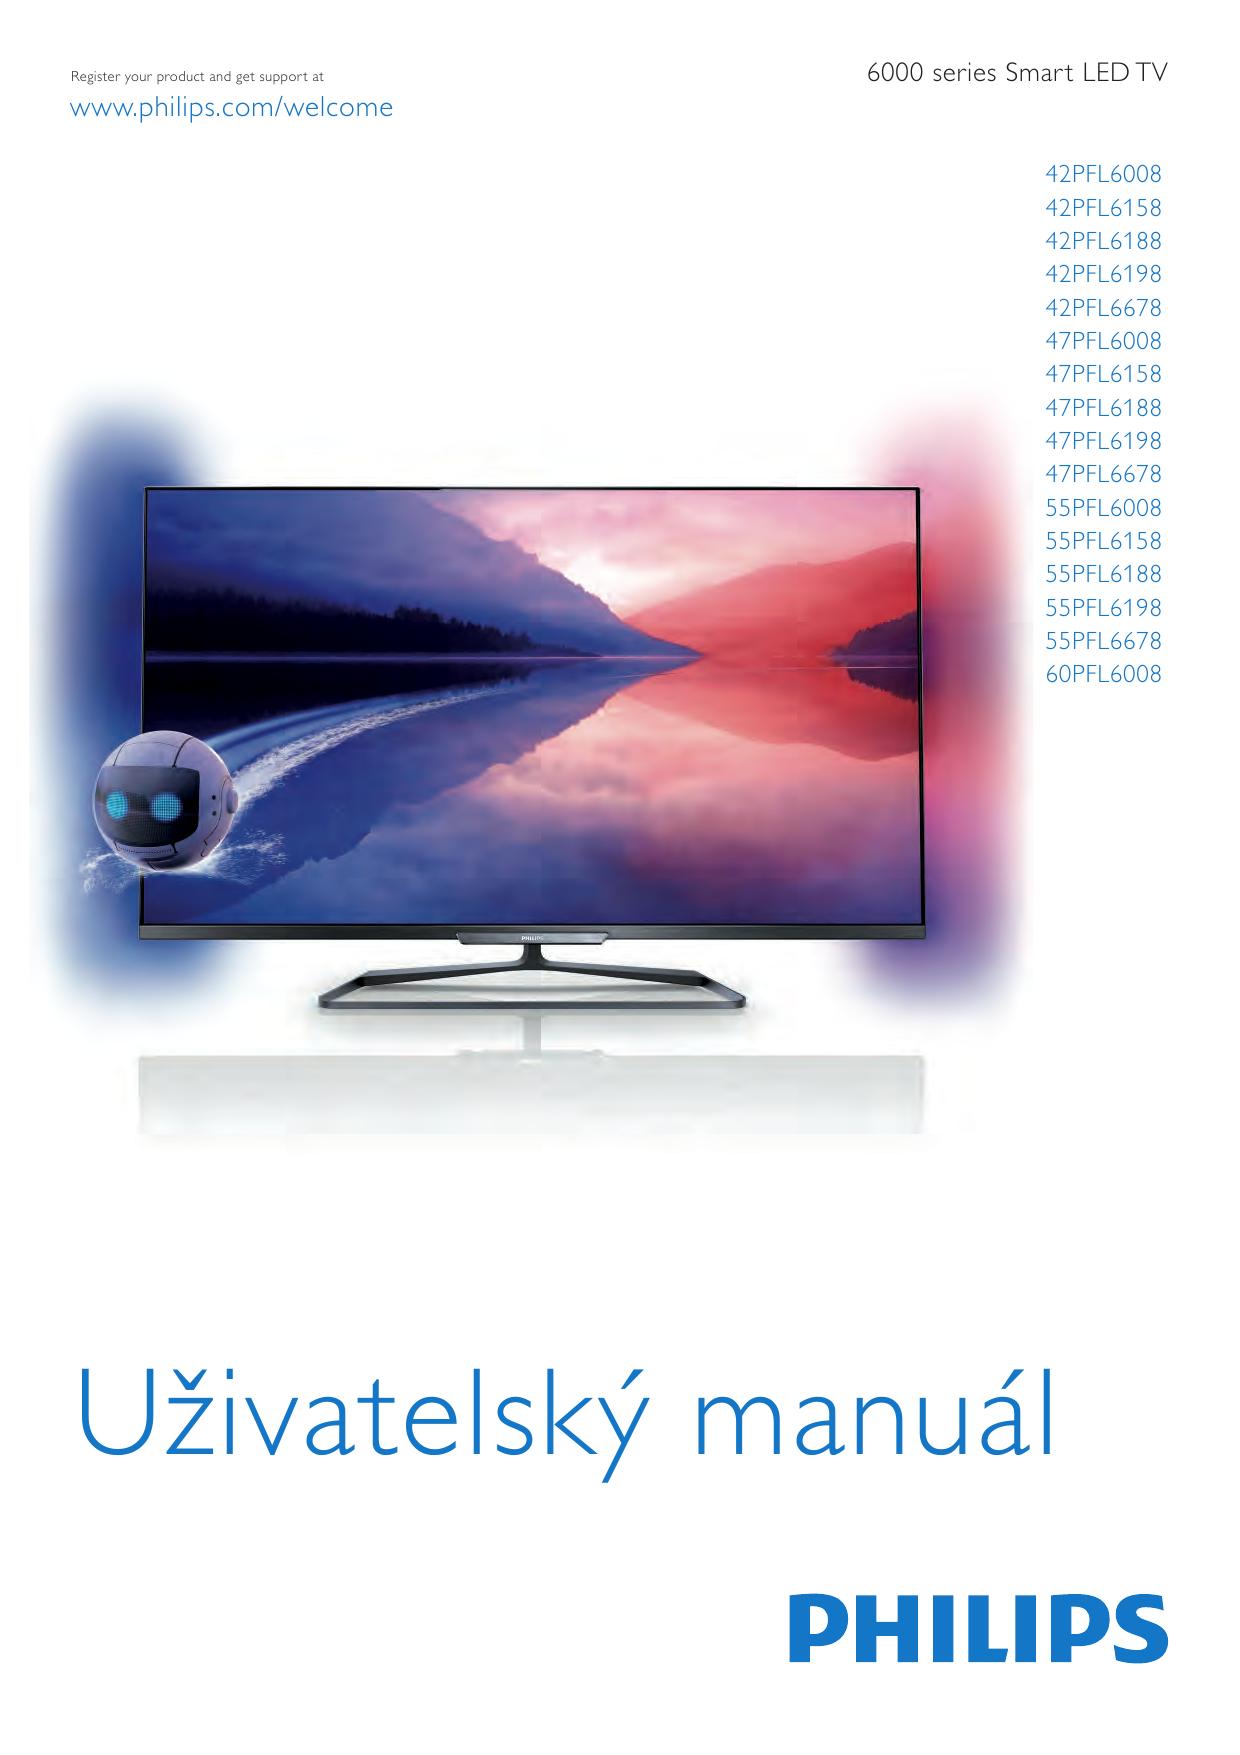 Připojte 2 televizory k jednomu satelitnímu přijímači